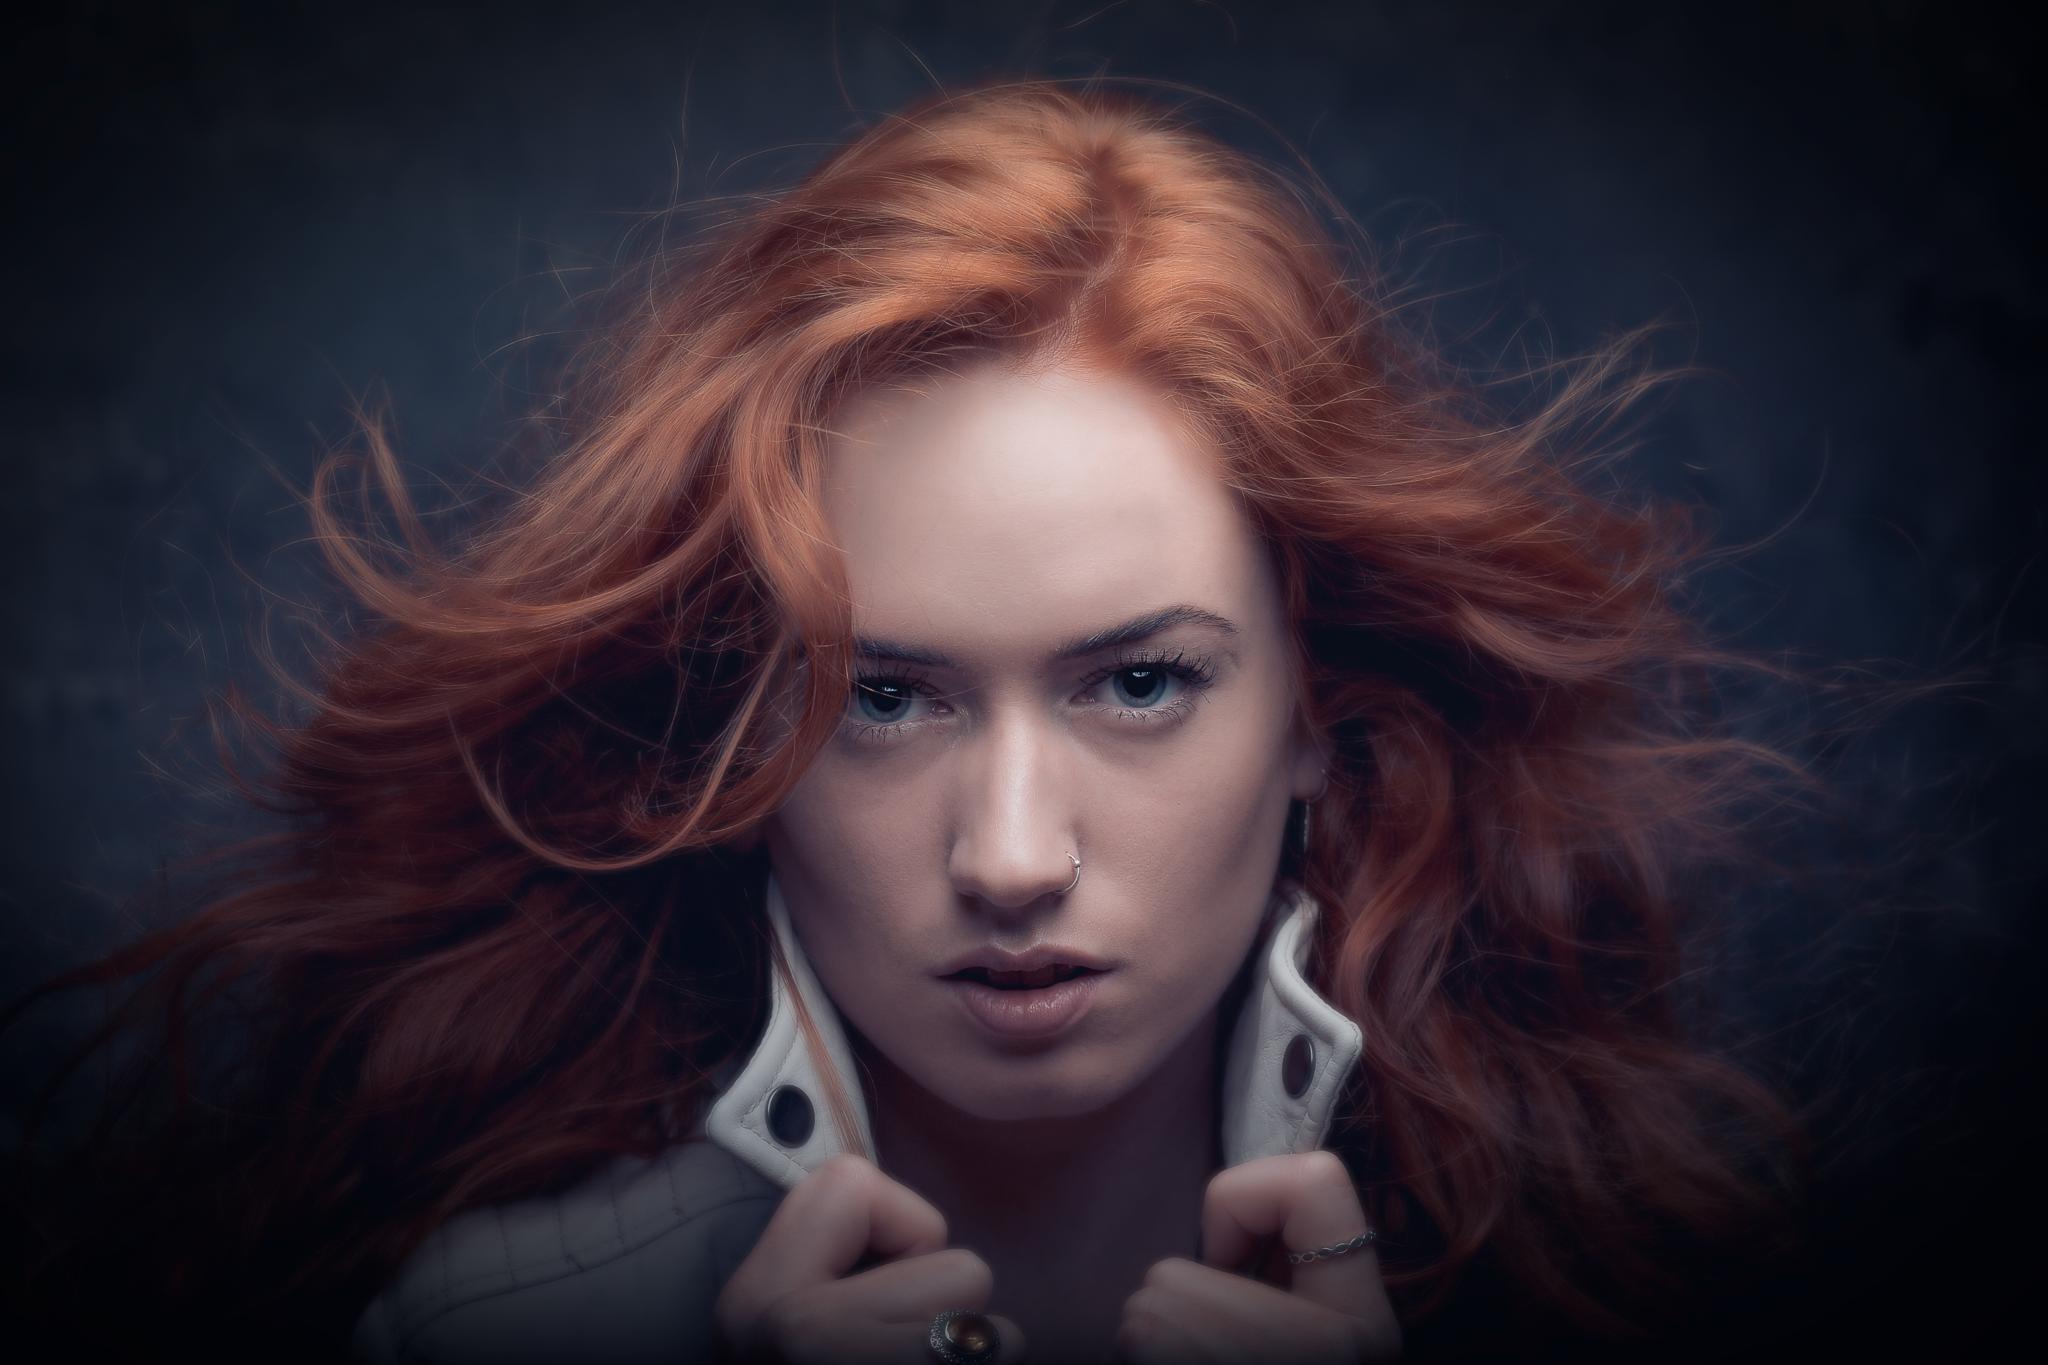 Portrait by C&LPhotoStudios